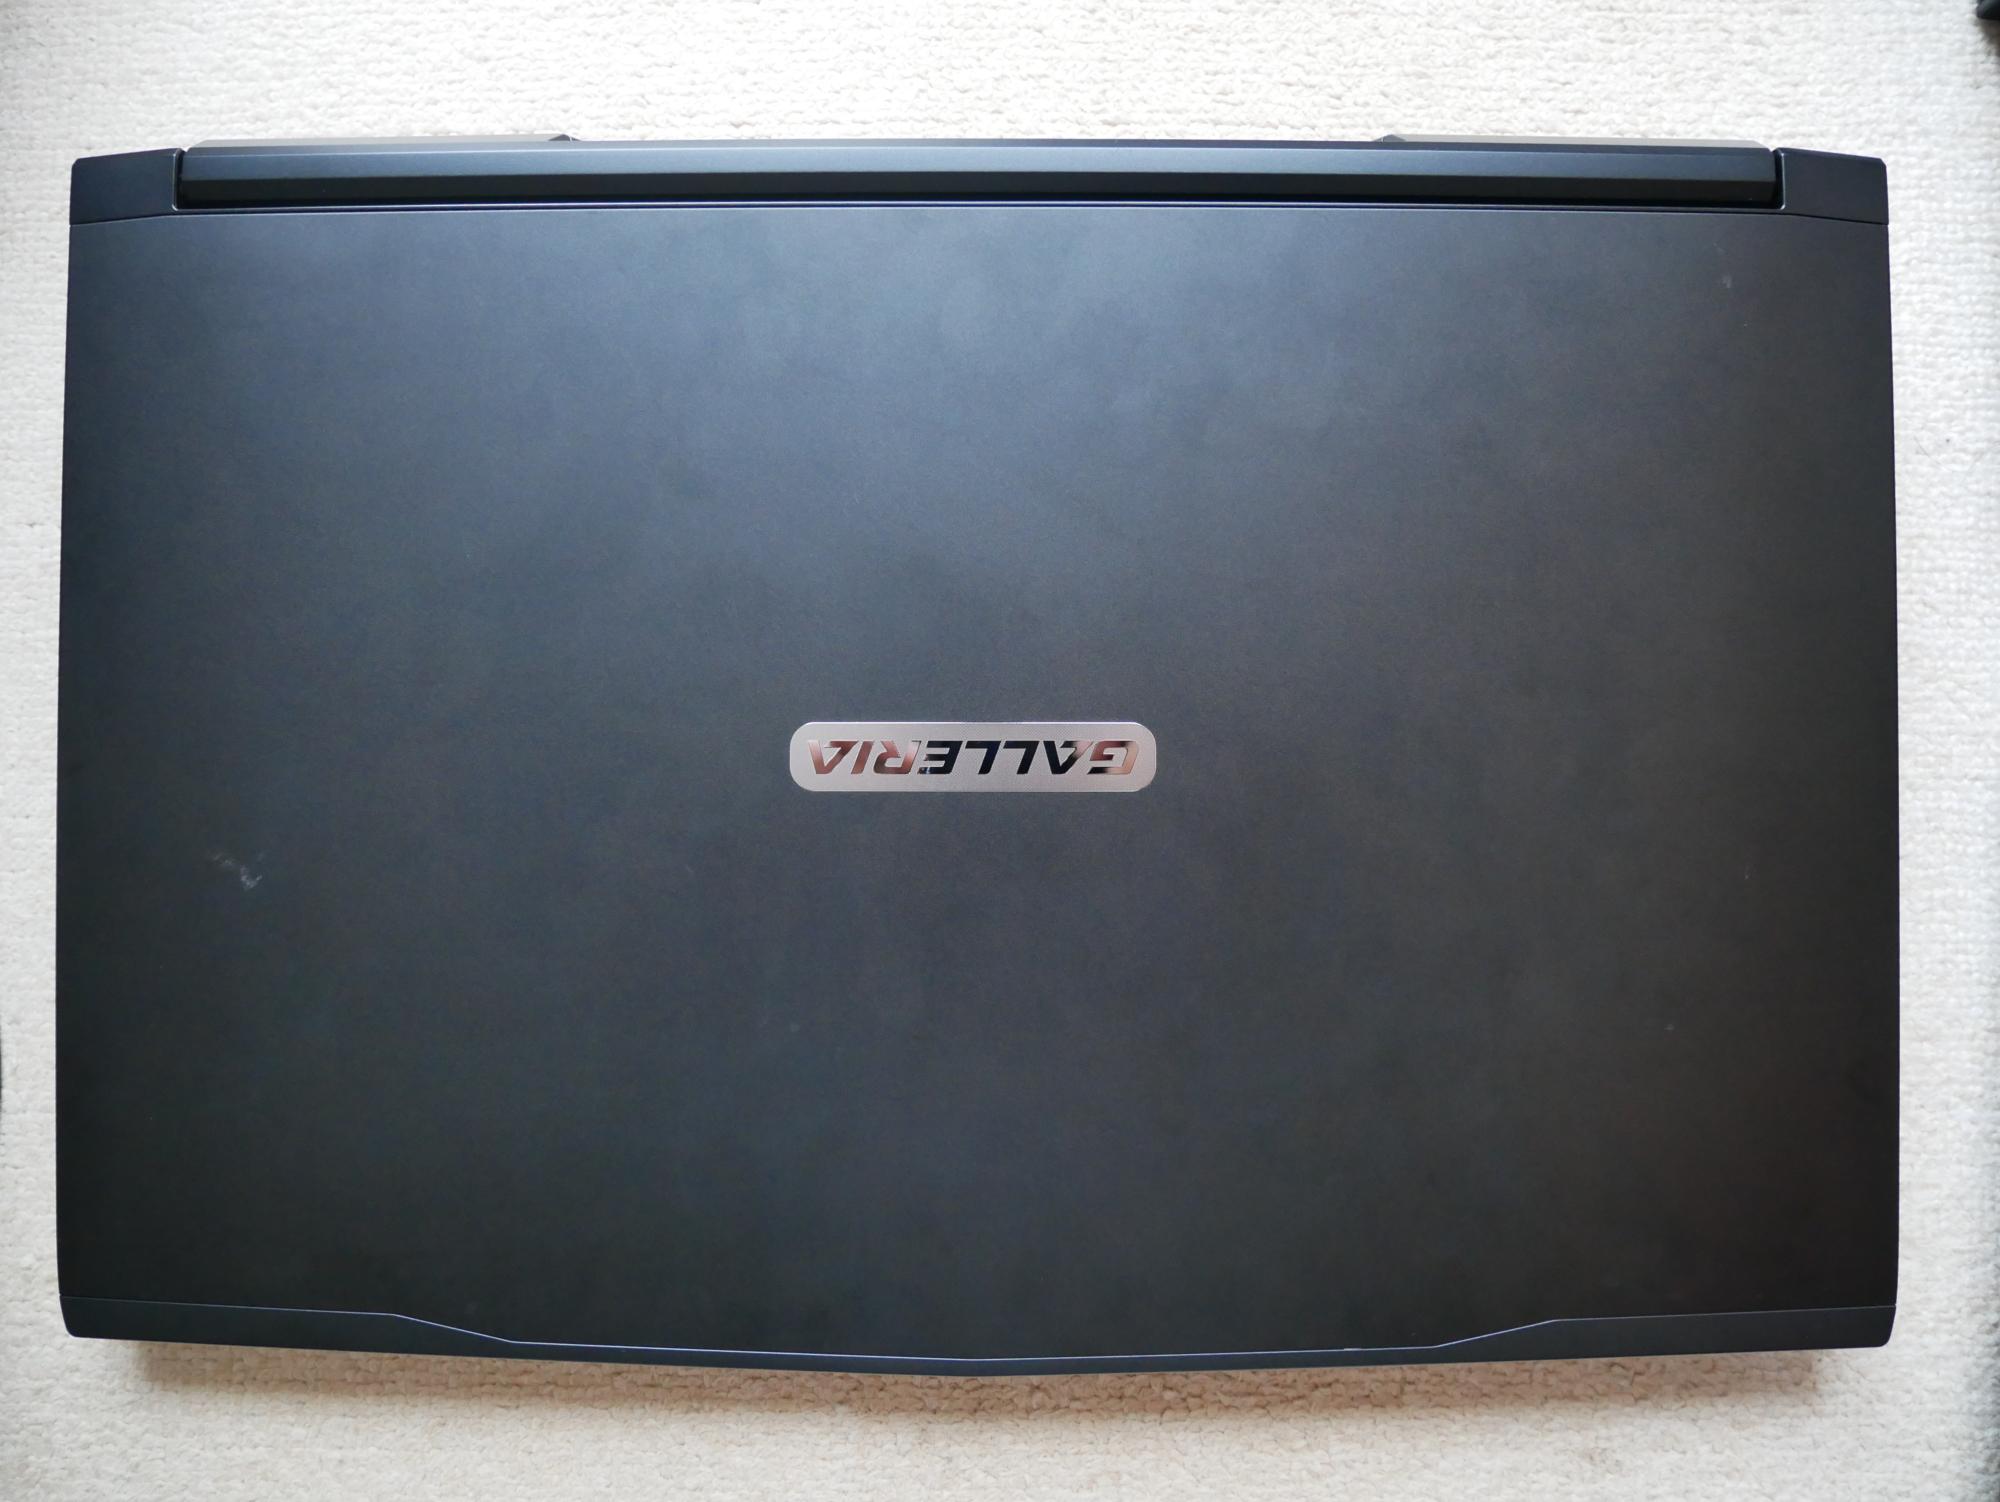 ミドルクラスのゲーミングノートPC「GALLERIA GCF1060GF」(中古)を約9万円で買ったのでレビュー